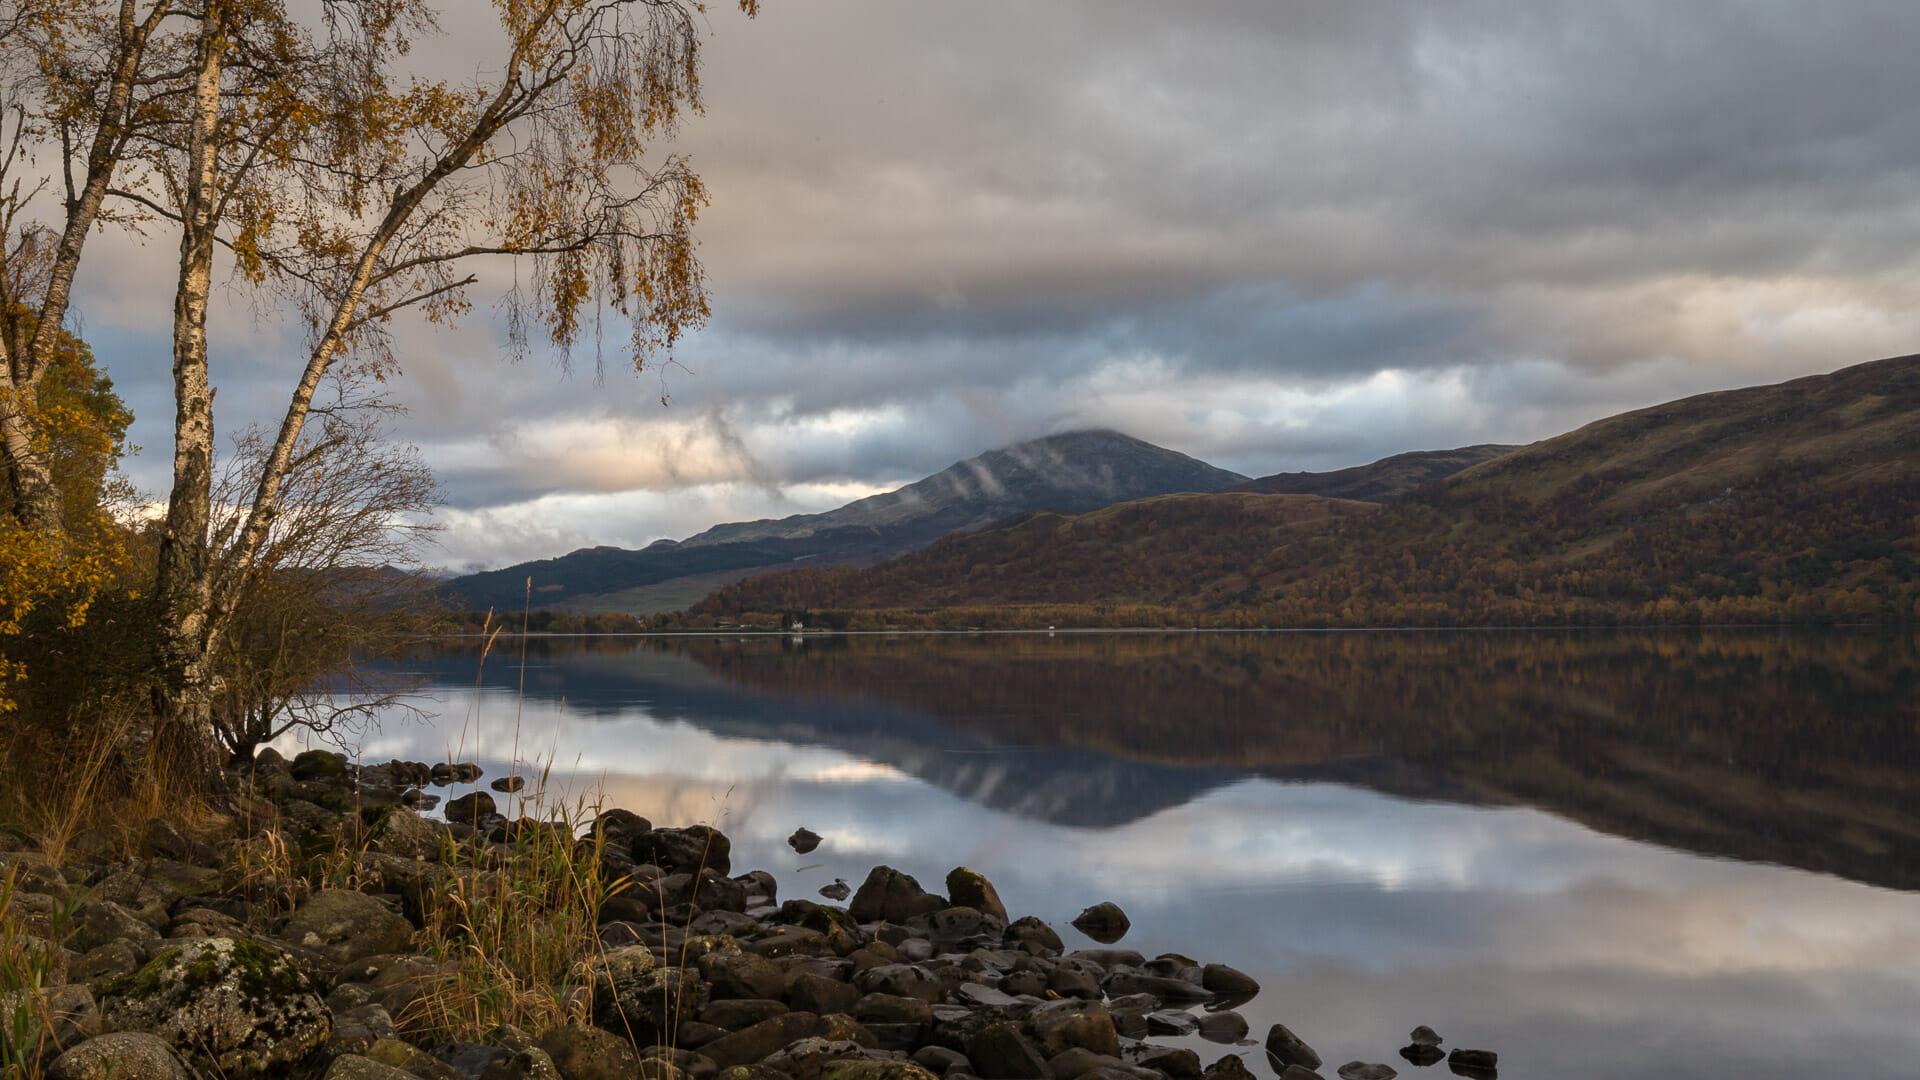 Schiehallion vom Loch Rannoch aus